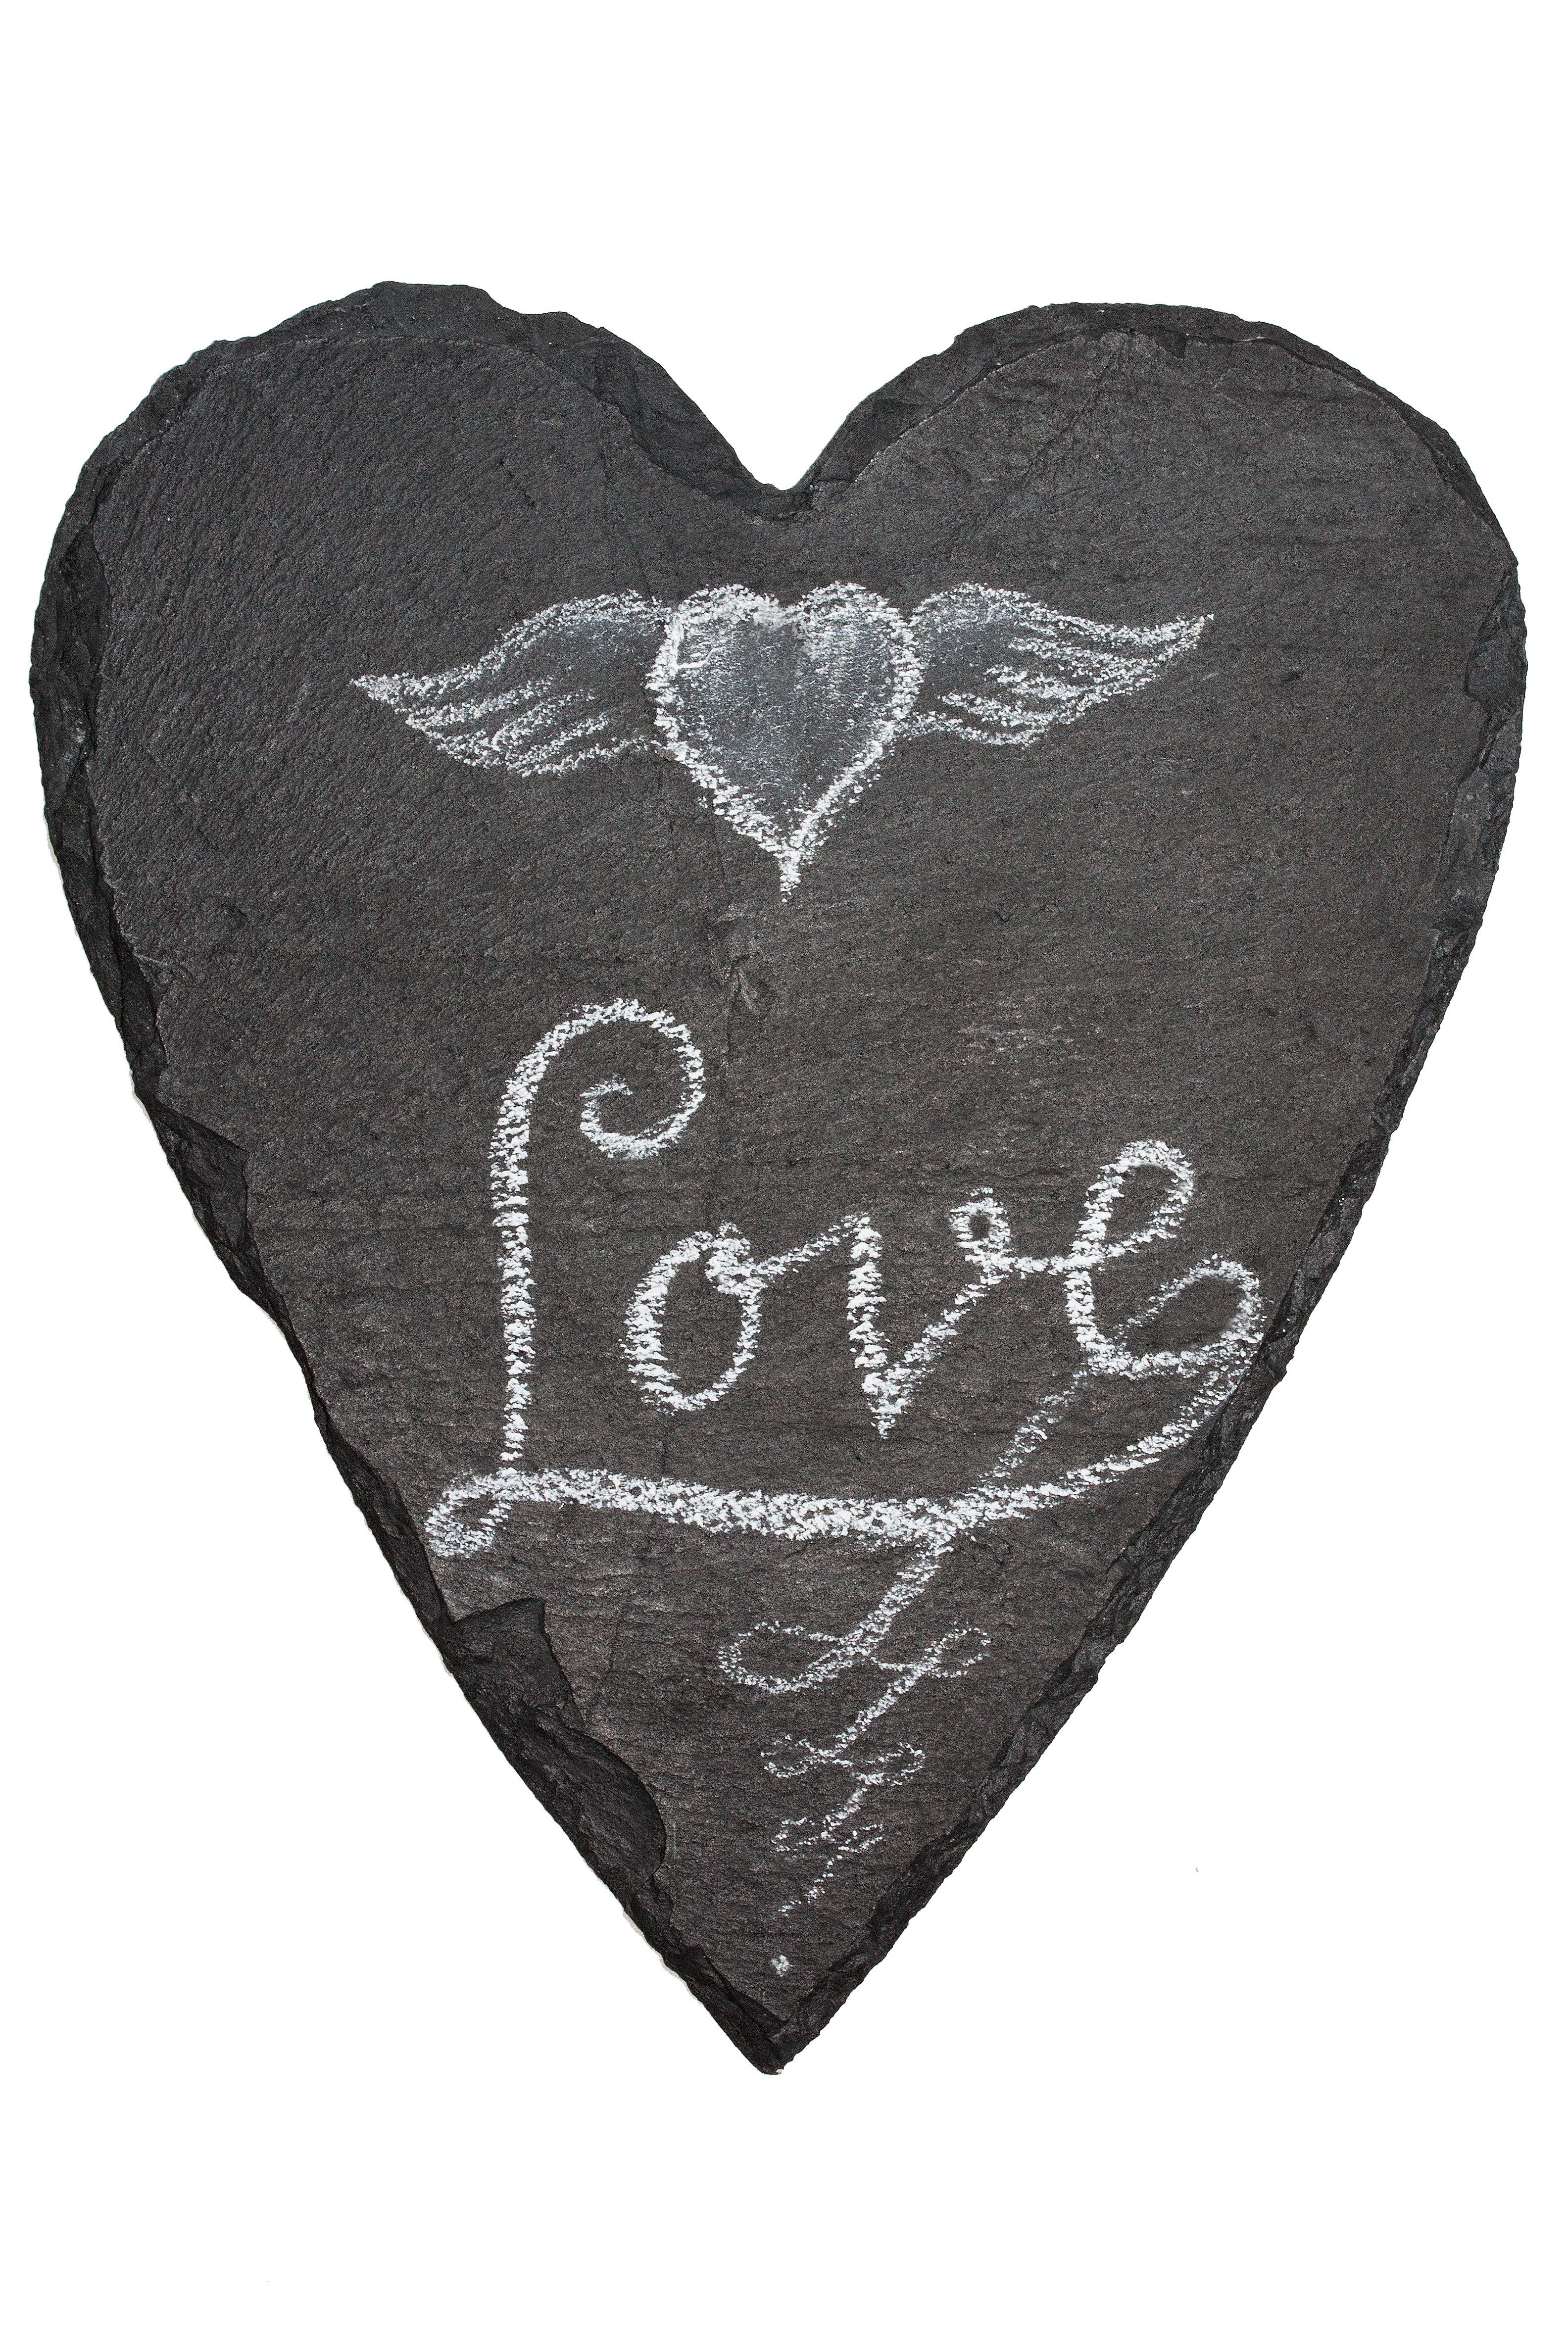 Fotos gratis : rock, ala, estructura, tablero, amor, corazón, negro ...